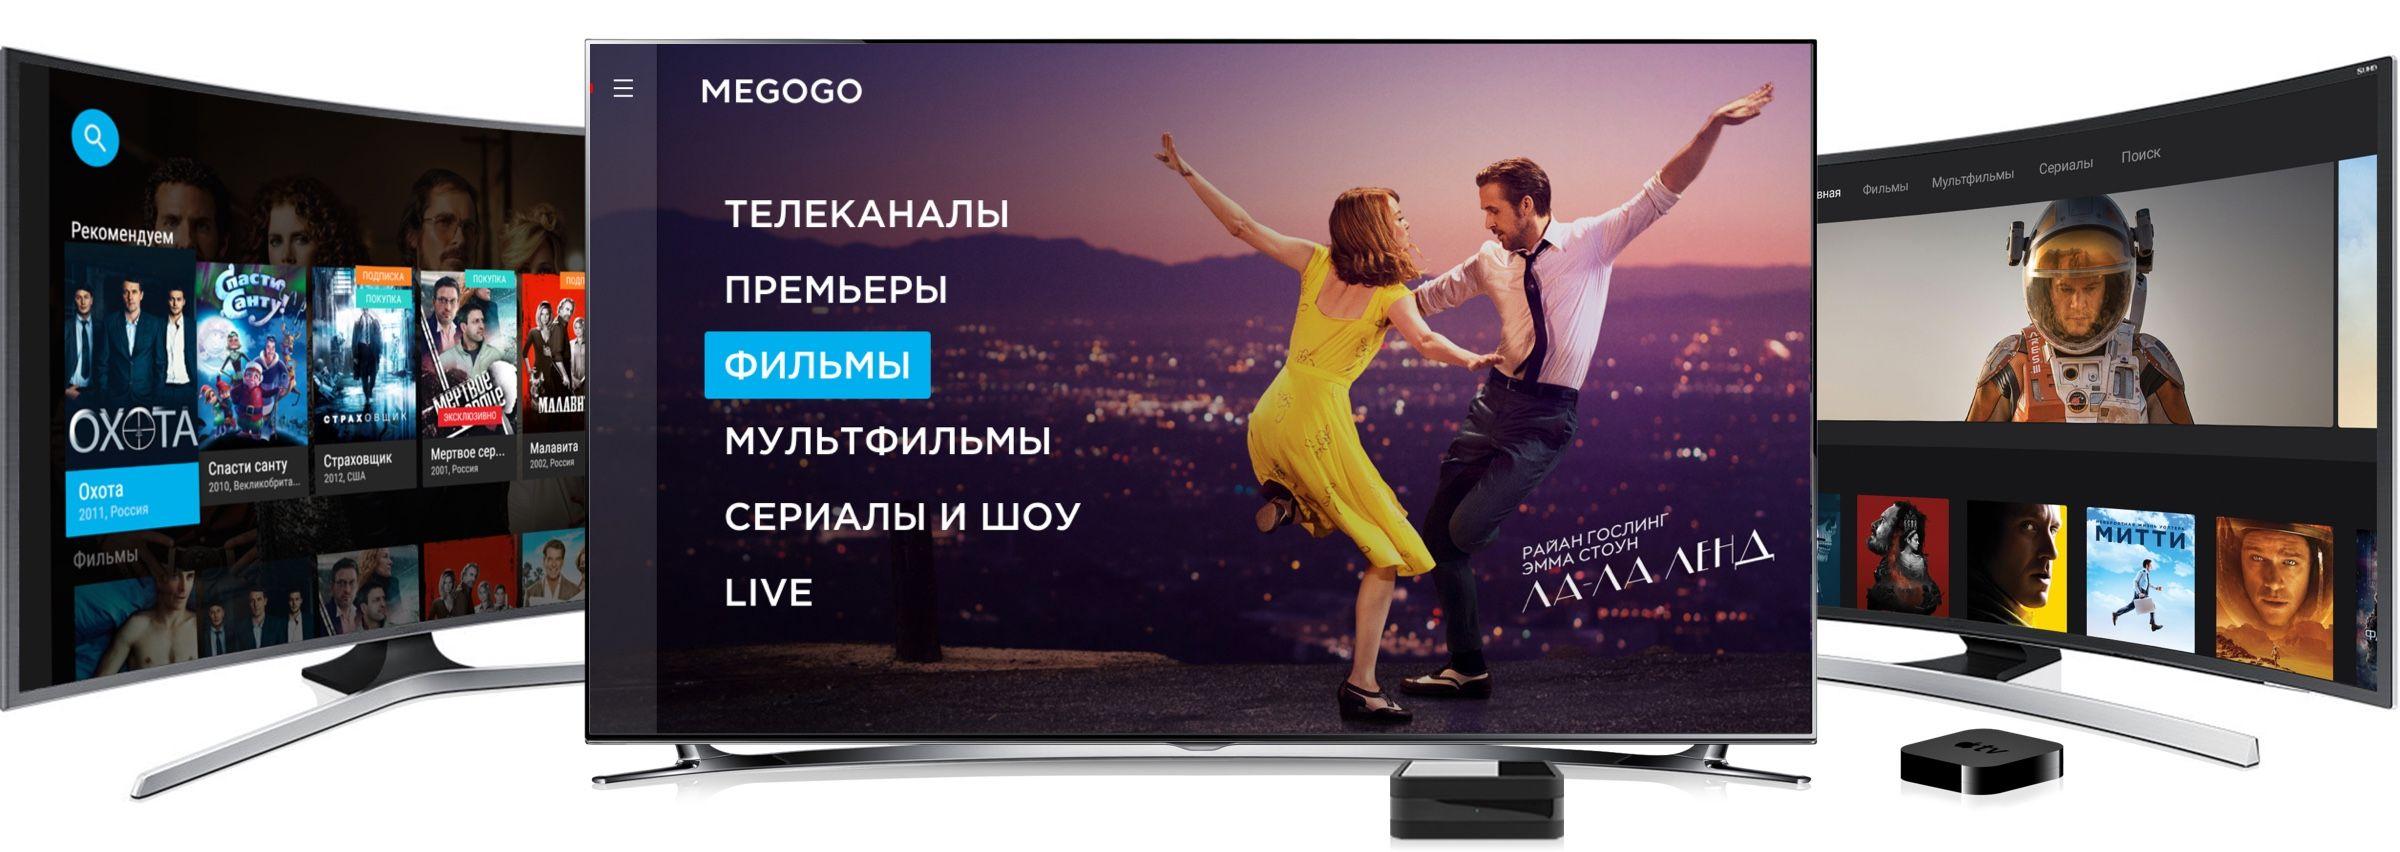 Топ приложений для СМАРТ ТВ - megogo на смарт тв